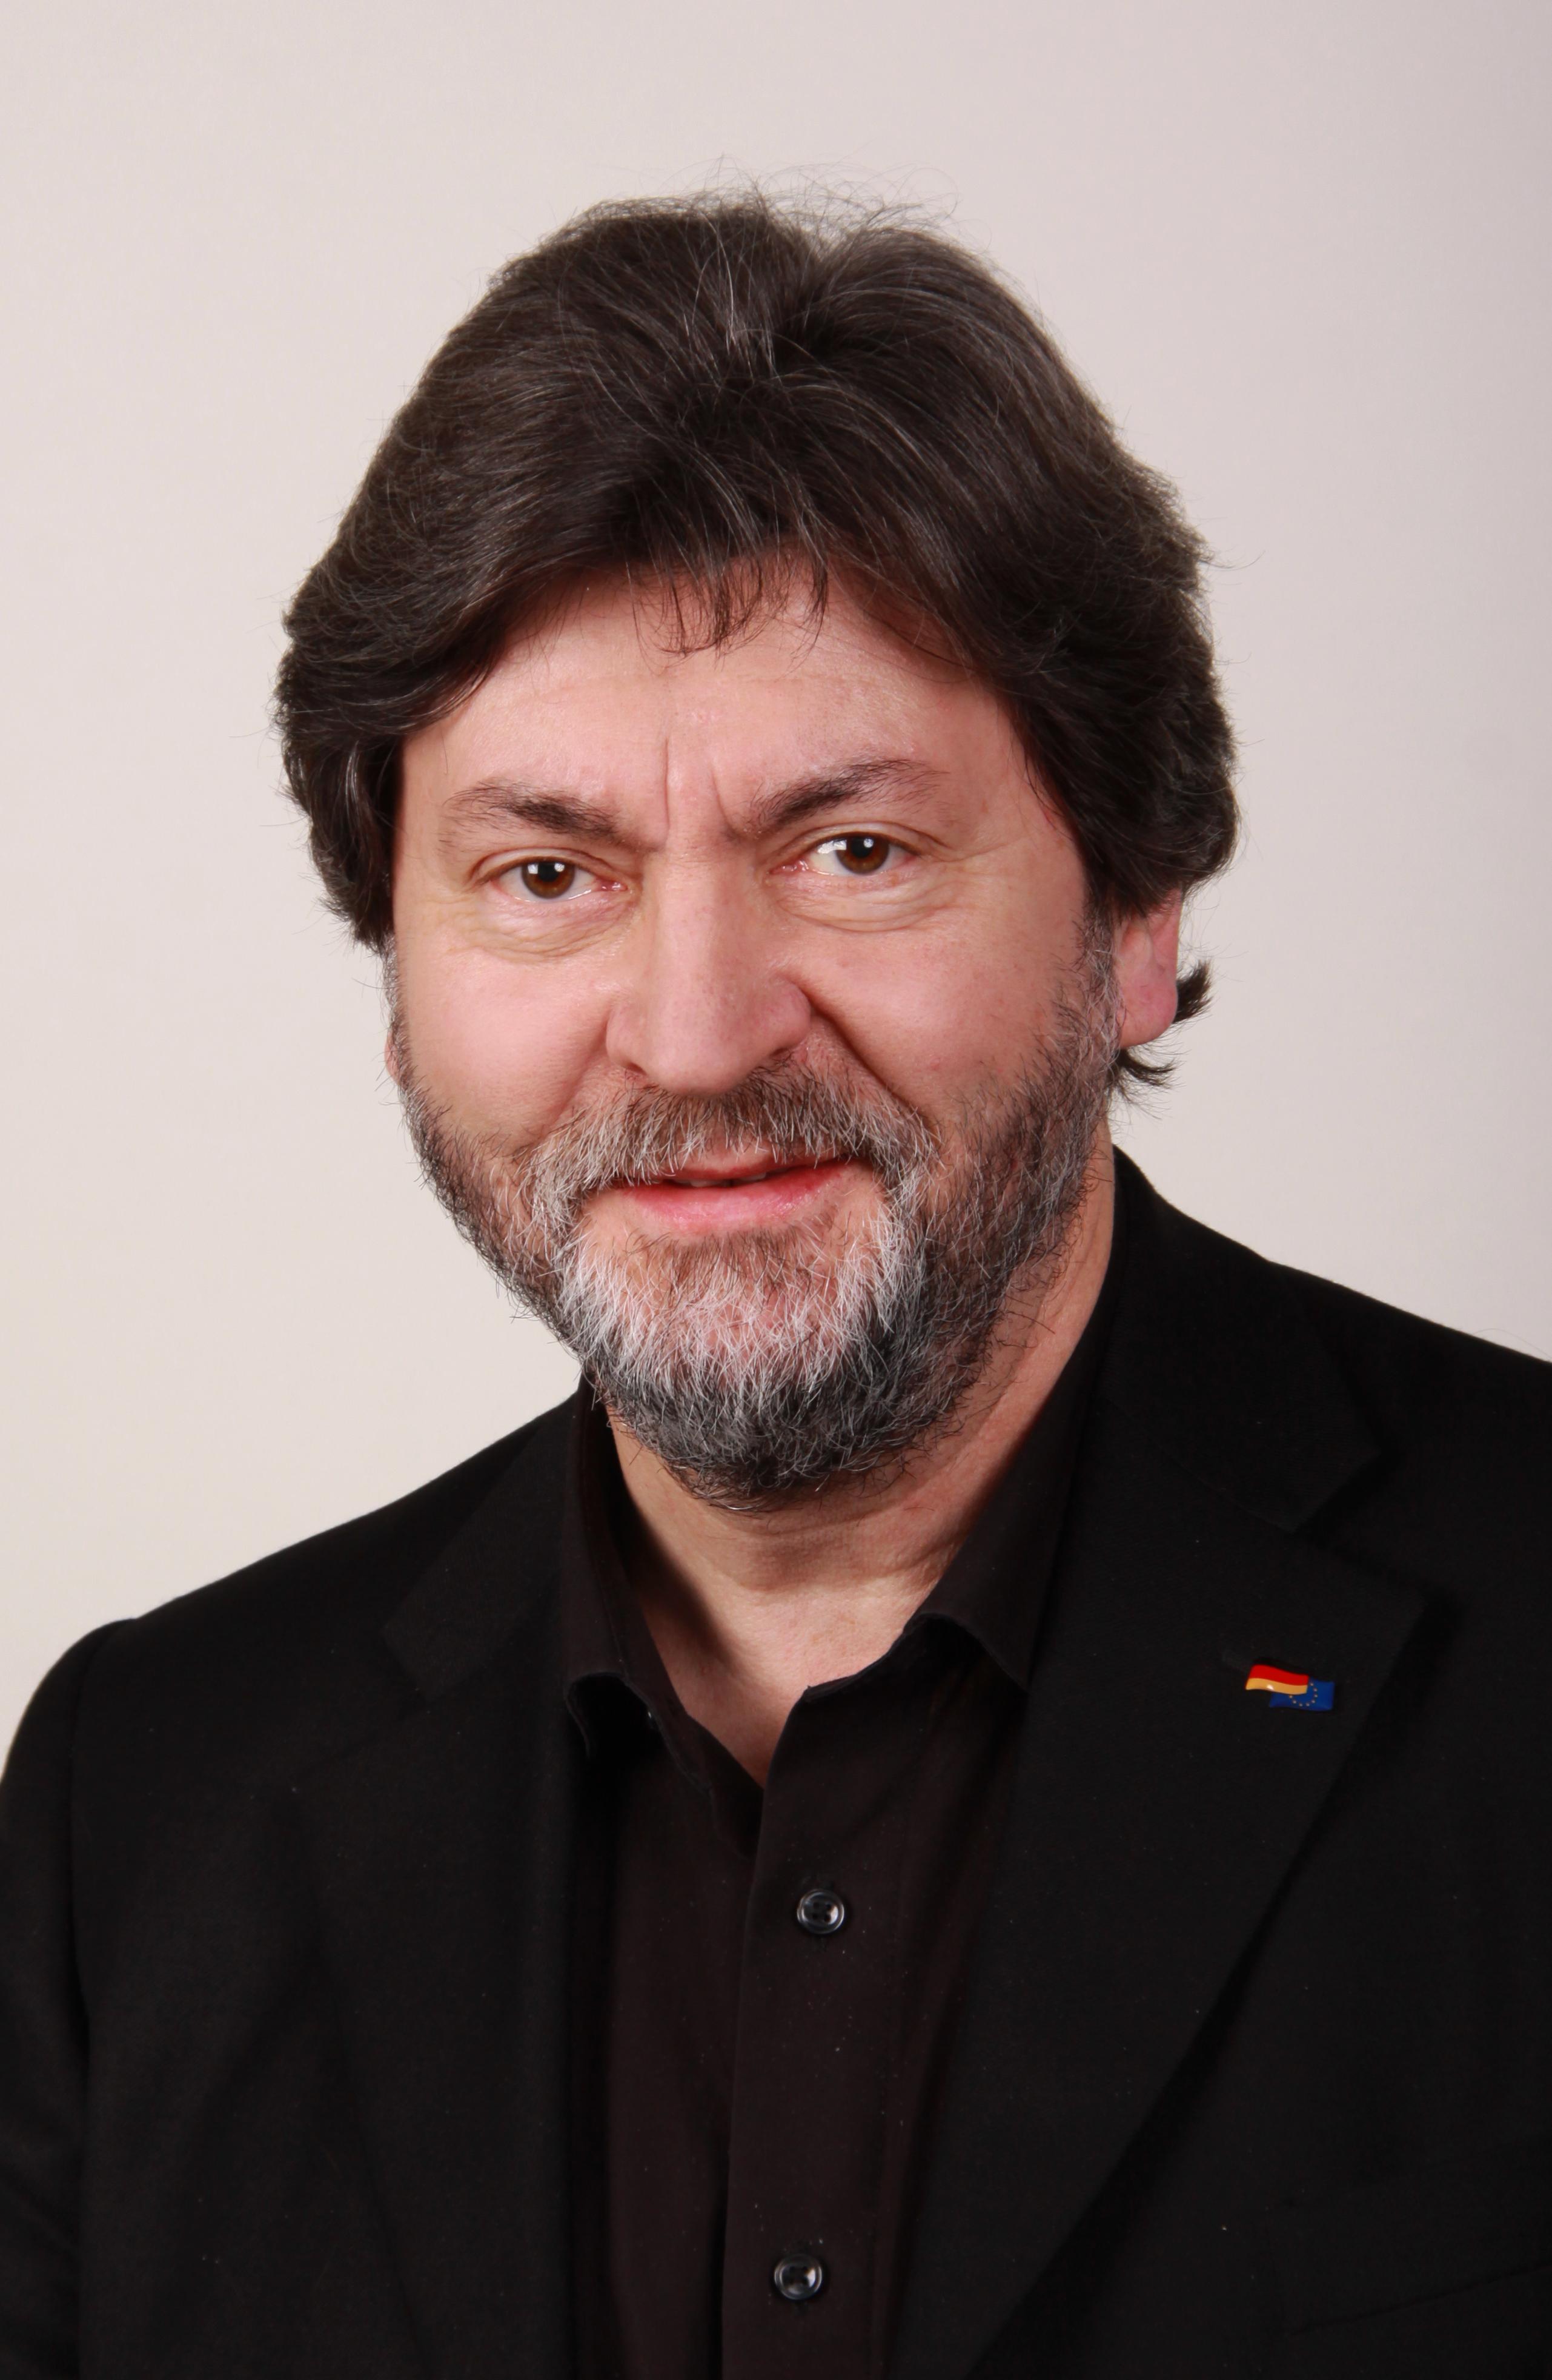 Joachim Zeller